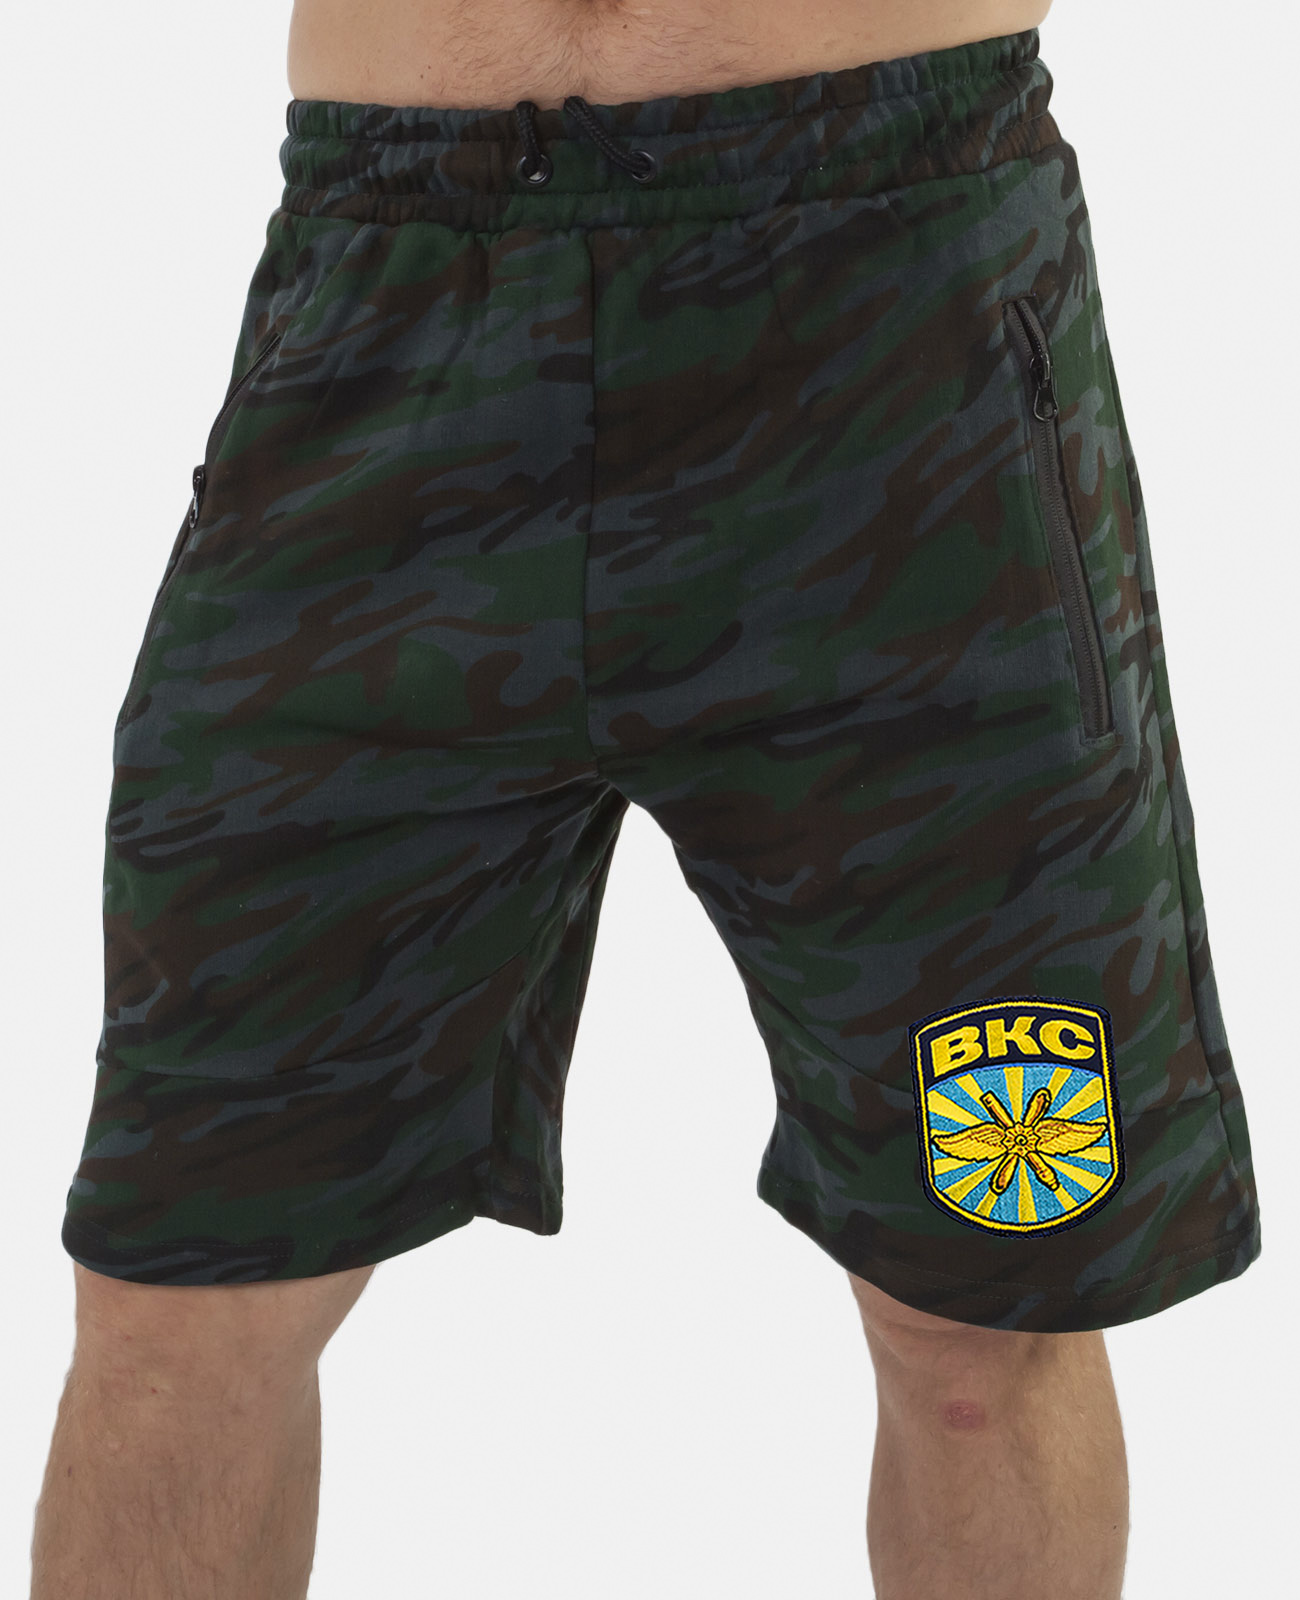 Купить милитари шорты свободного фасона с нашивкой ВКС по лучшей цене